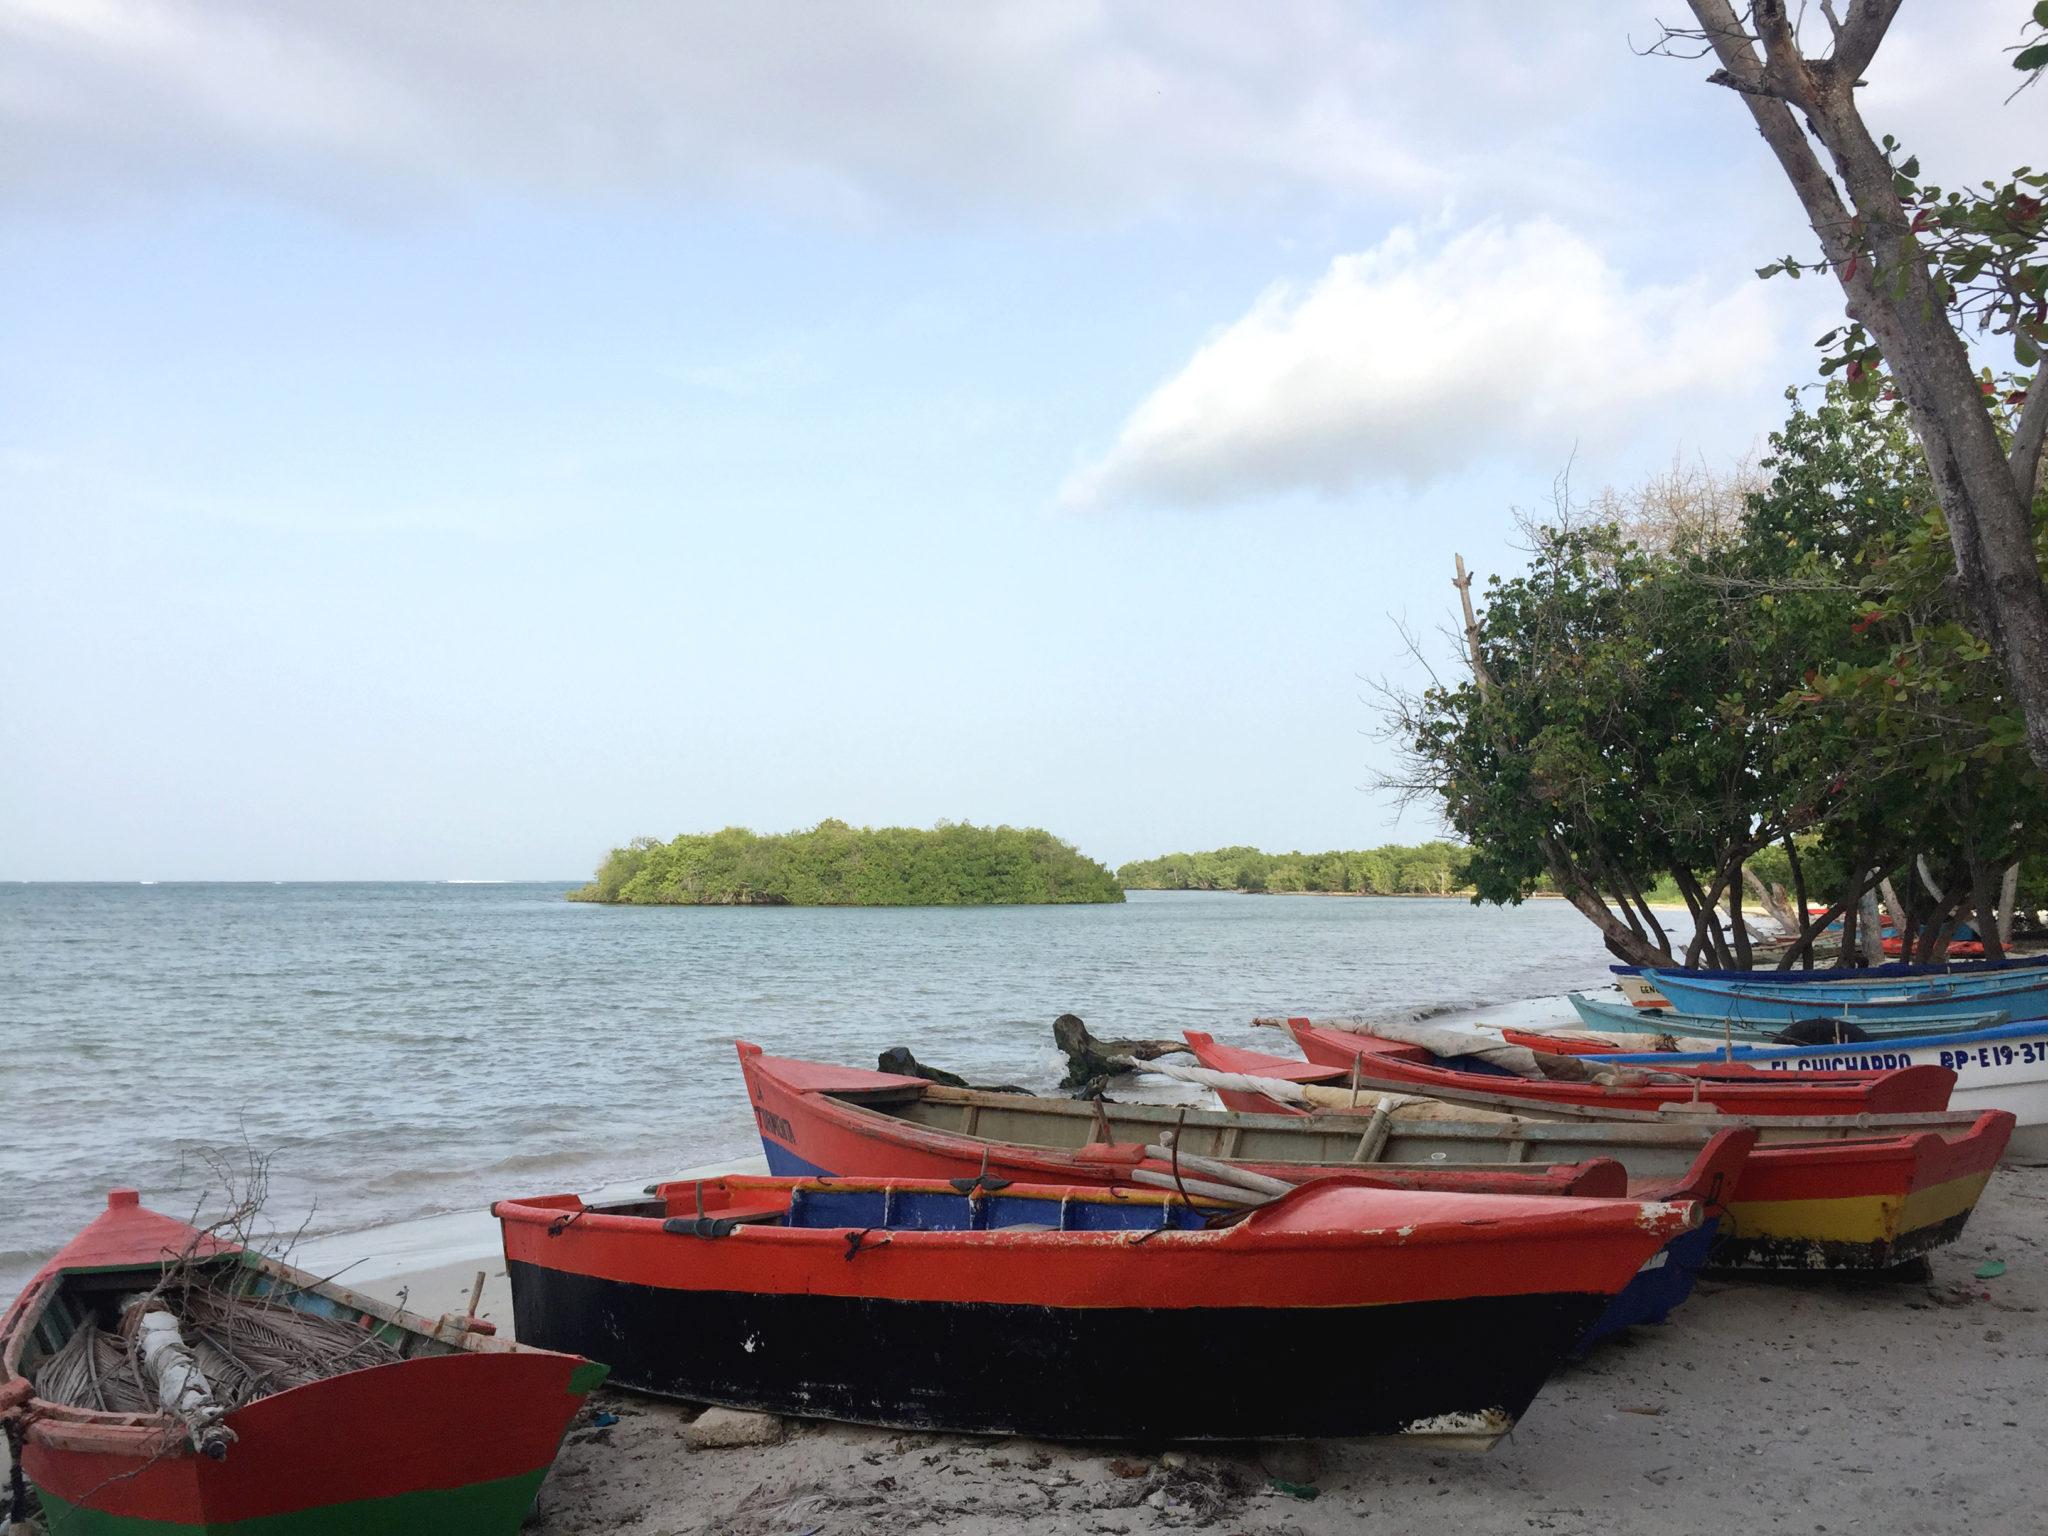 Roadtrip_republique_dominicaine_barahona_plage_bateau_pecheur_baie